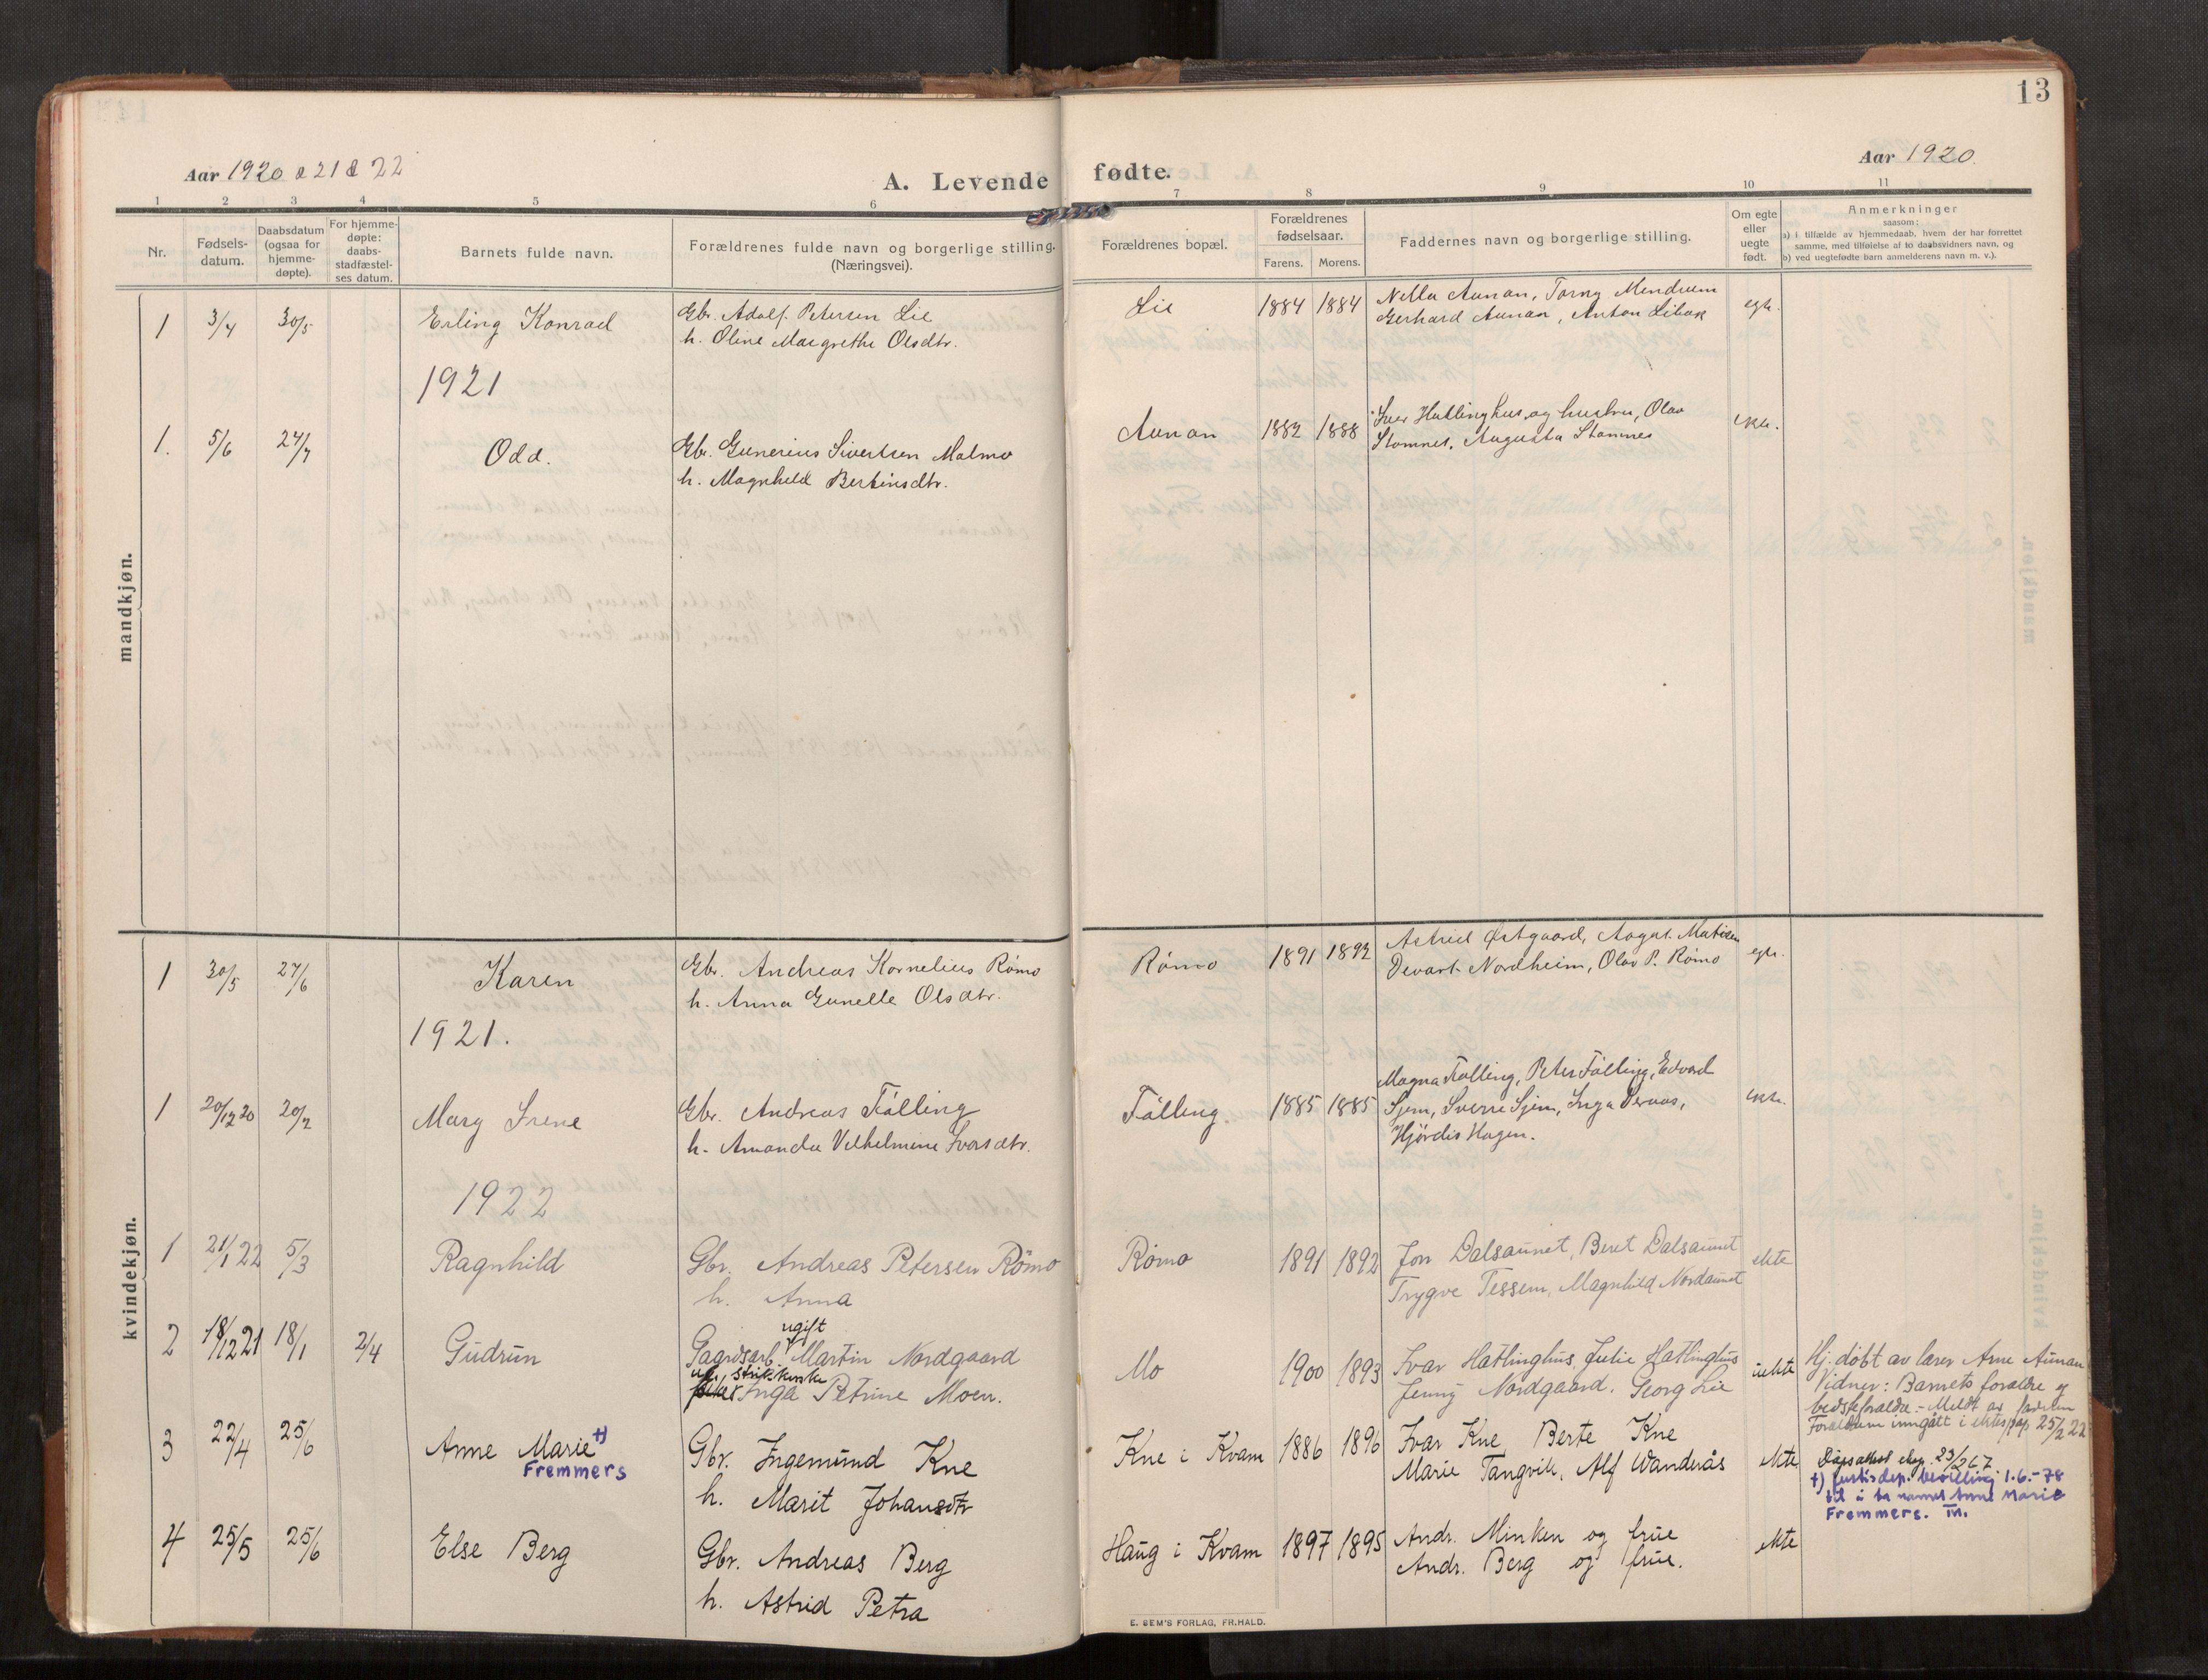 SAT, Stod sokneprestkontor, I/I1/I1a/L0003: Parish register (official) no. 3, 1909-1934, p. 13